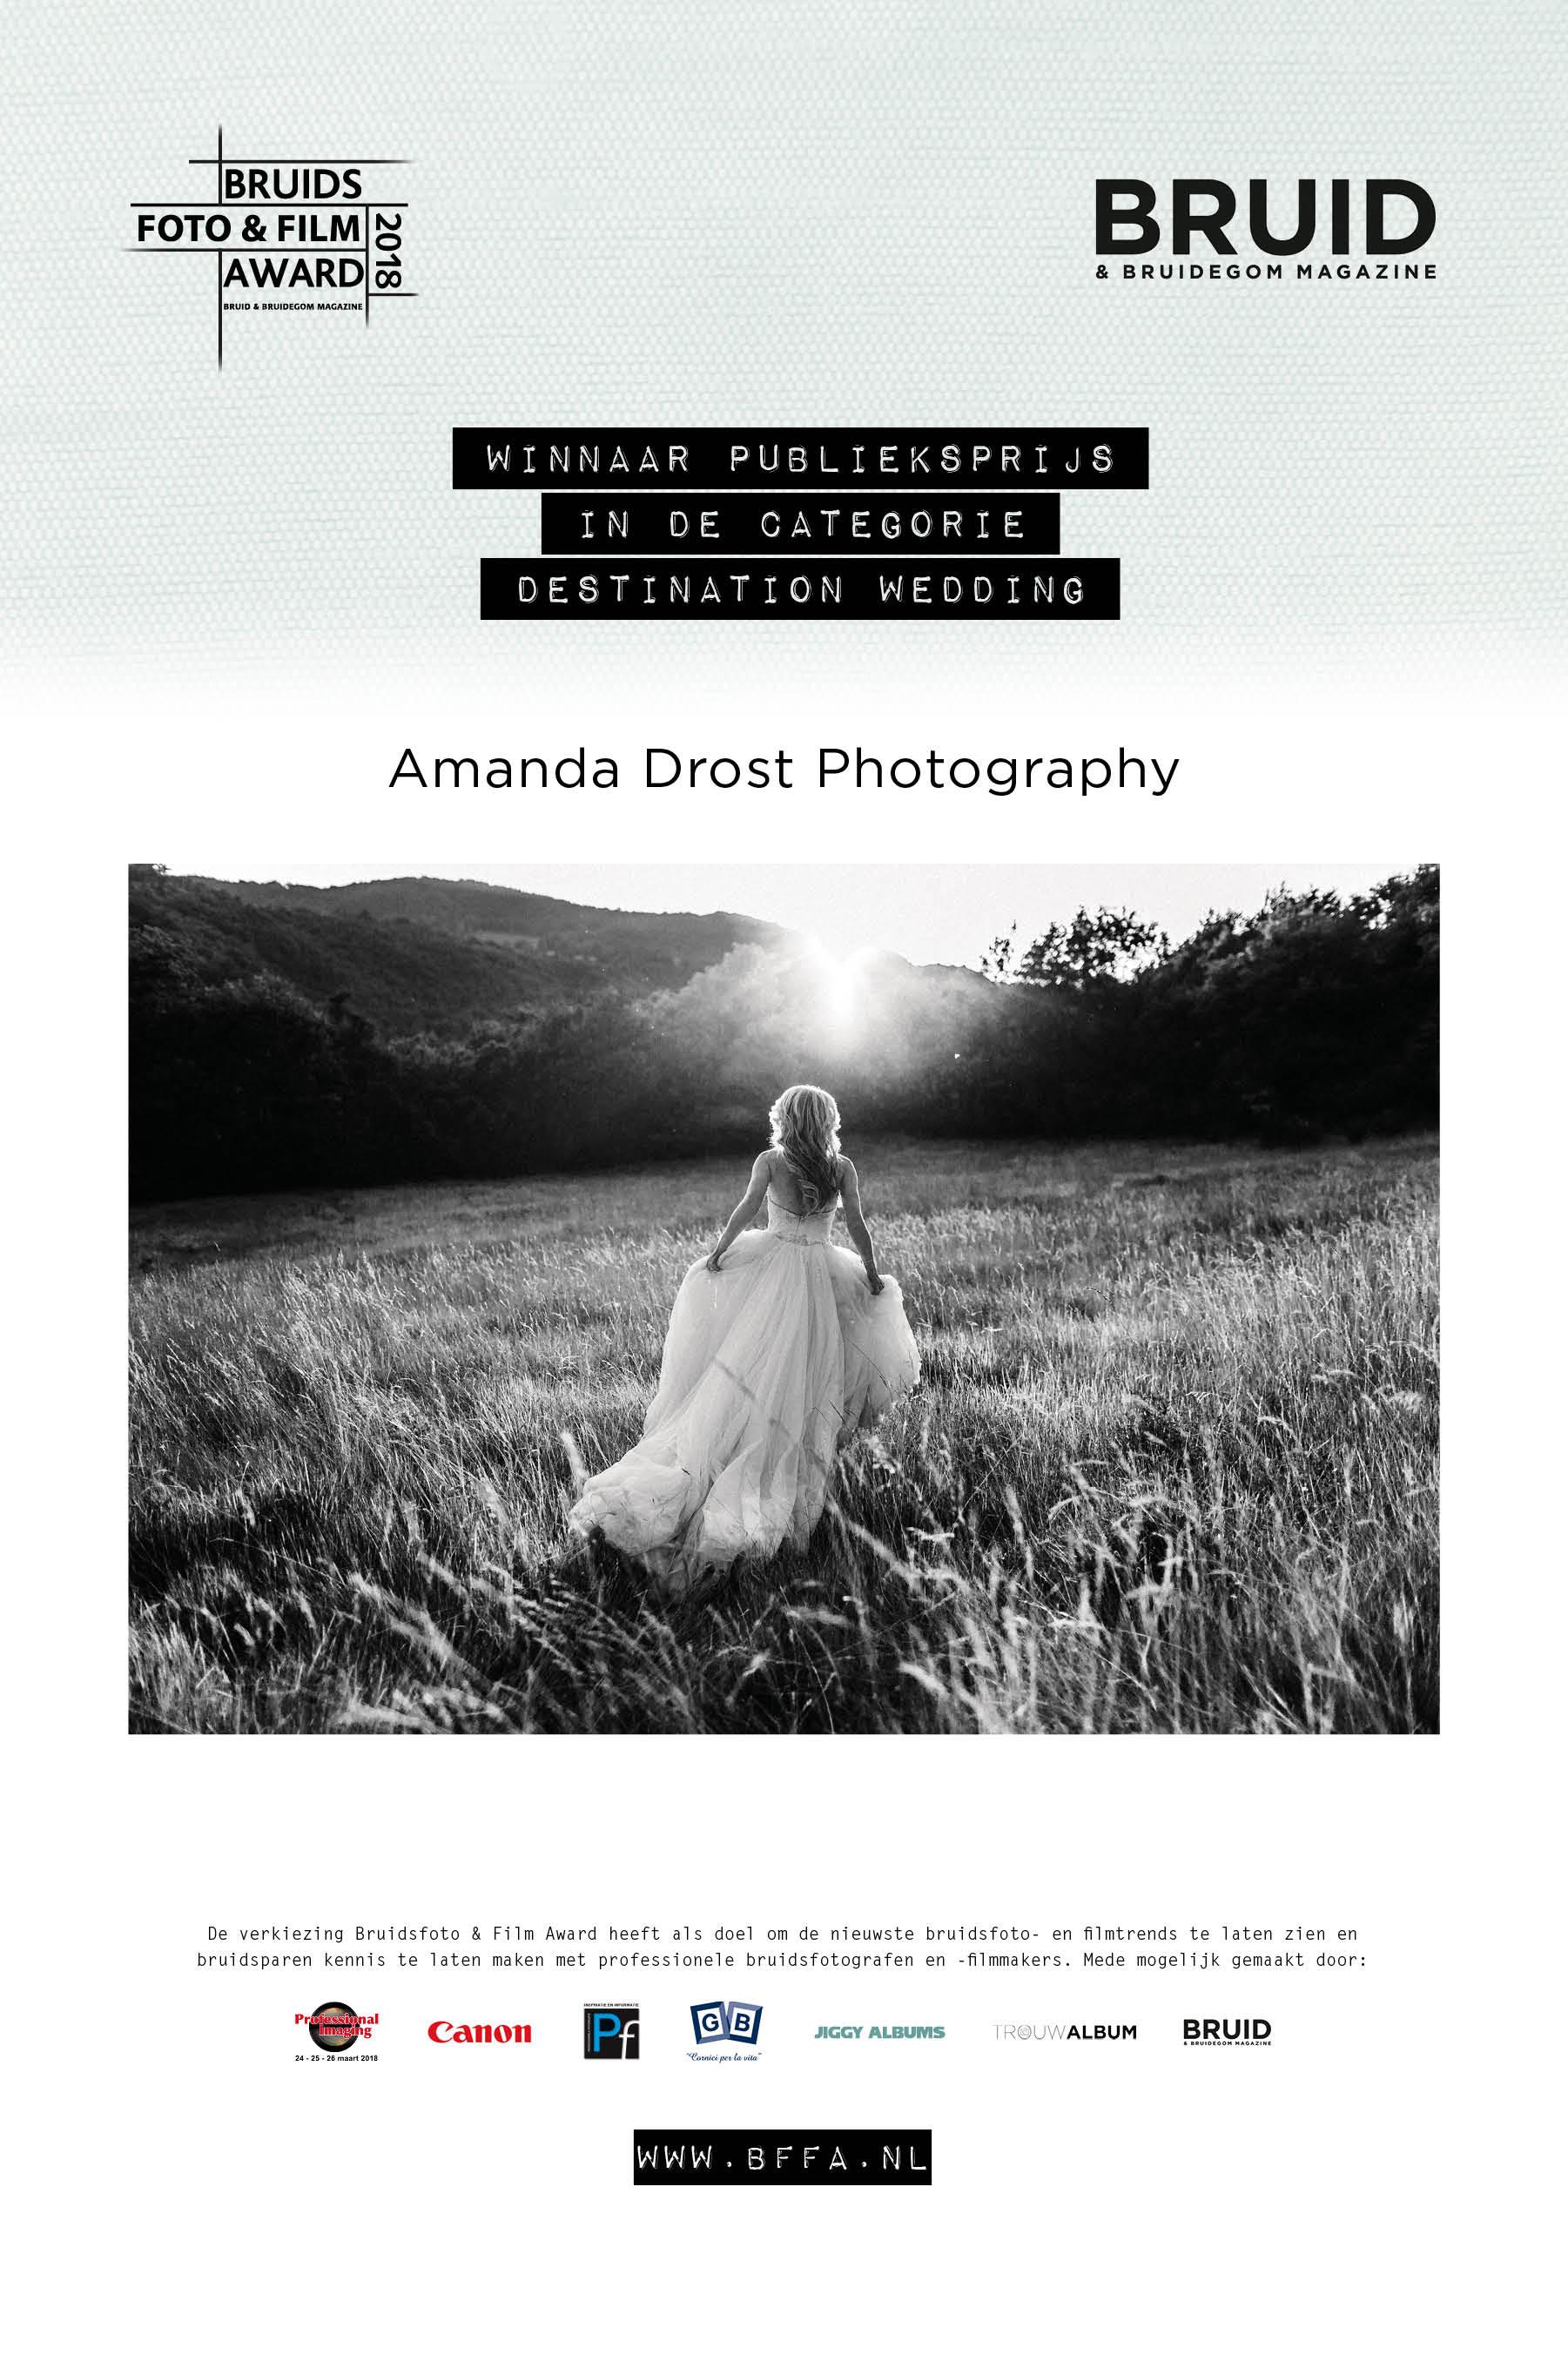 Amanda-Drost-Bruidsfoto-Award-2018-3.jpg